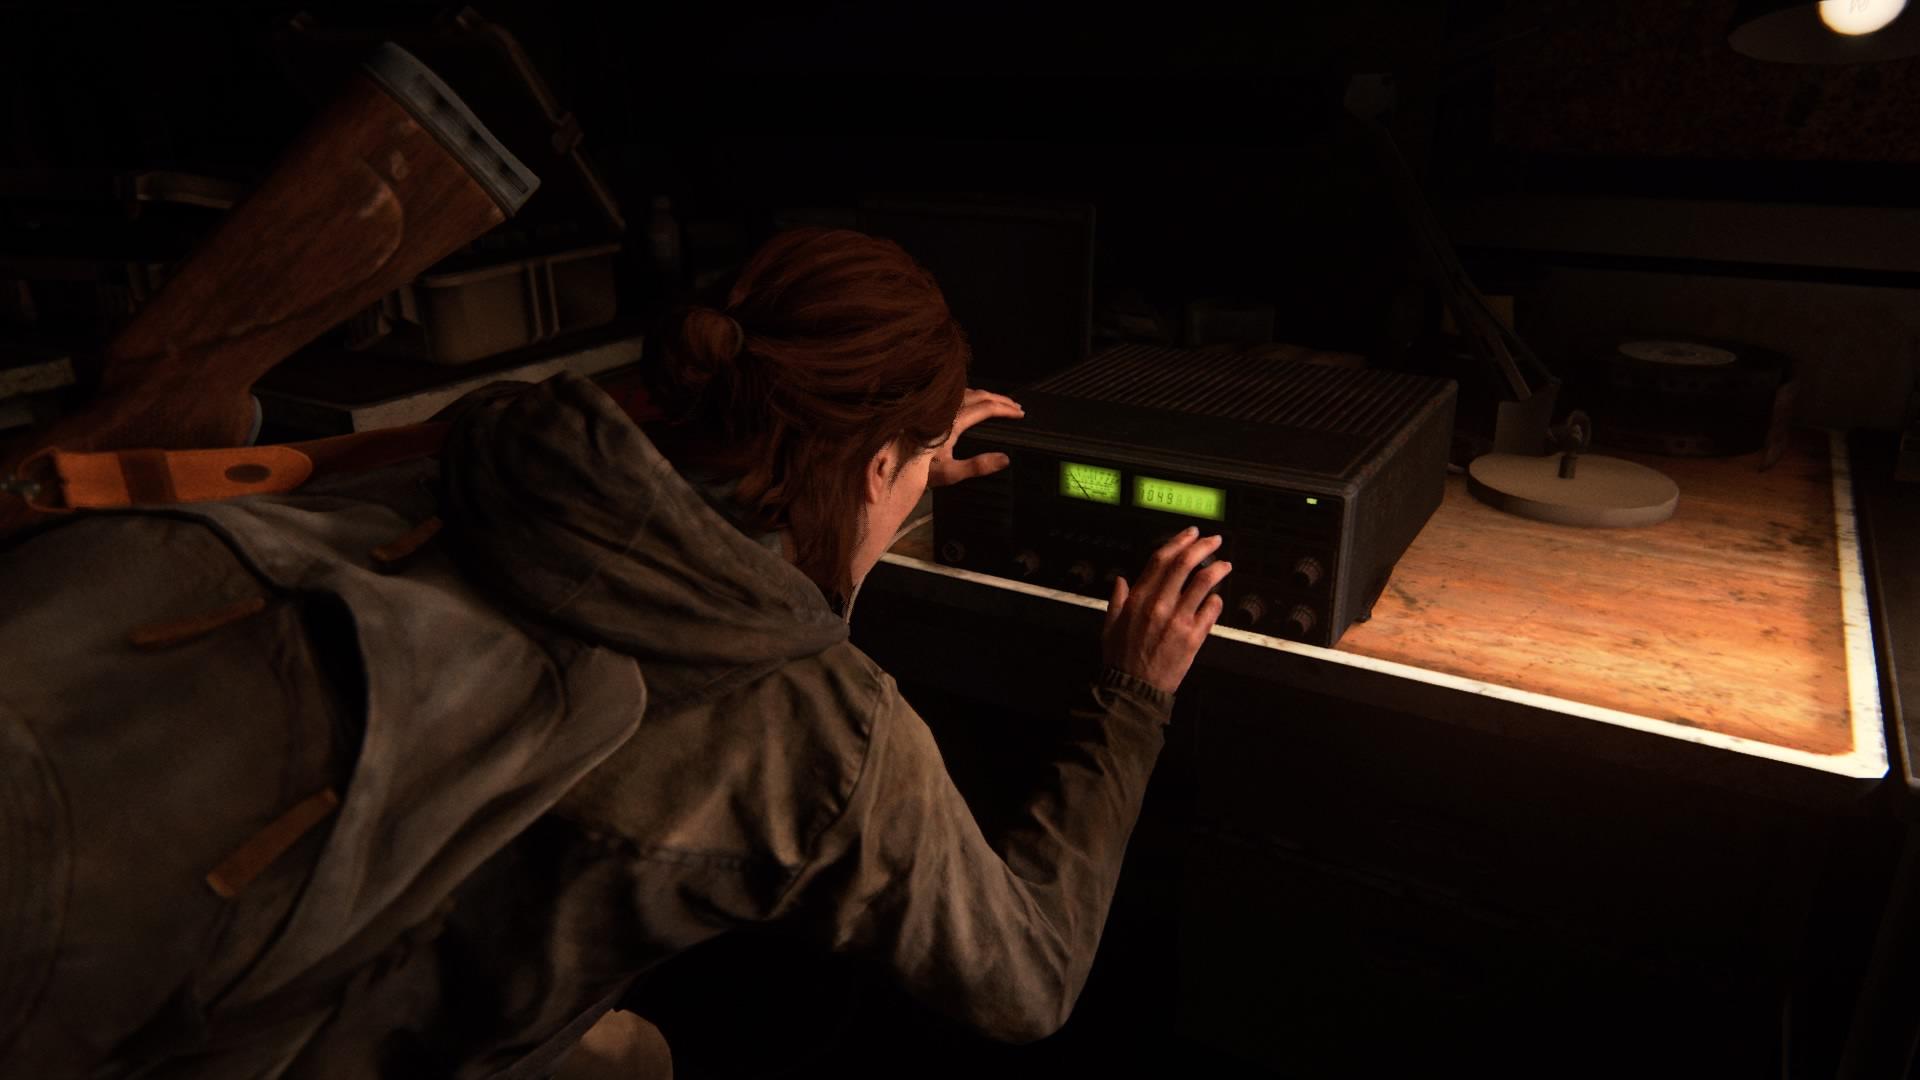 Nachdem Ellie Den Generator Angeworfen Hat, Bekommt Sowohl Das Funkgerät Energie ...